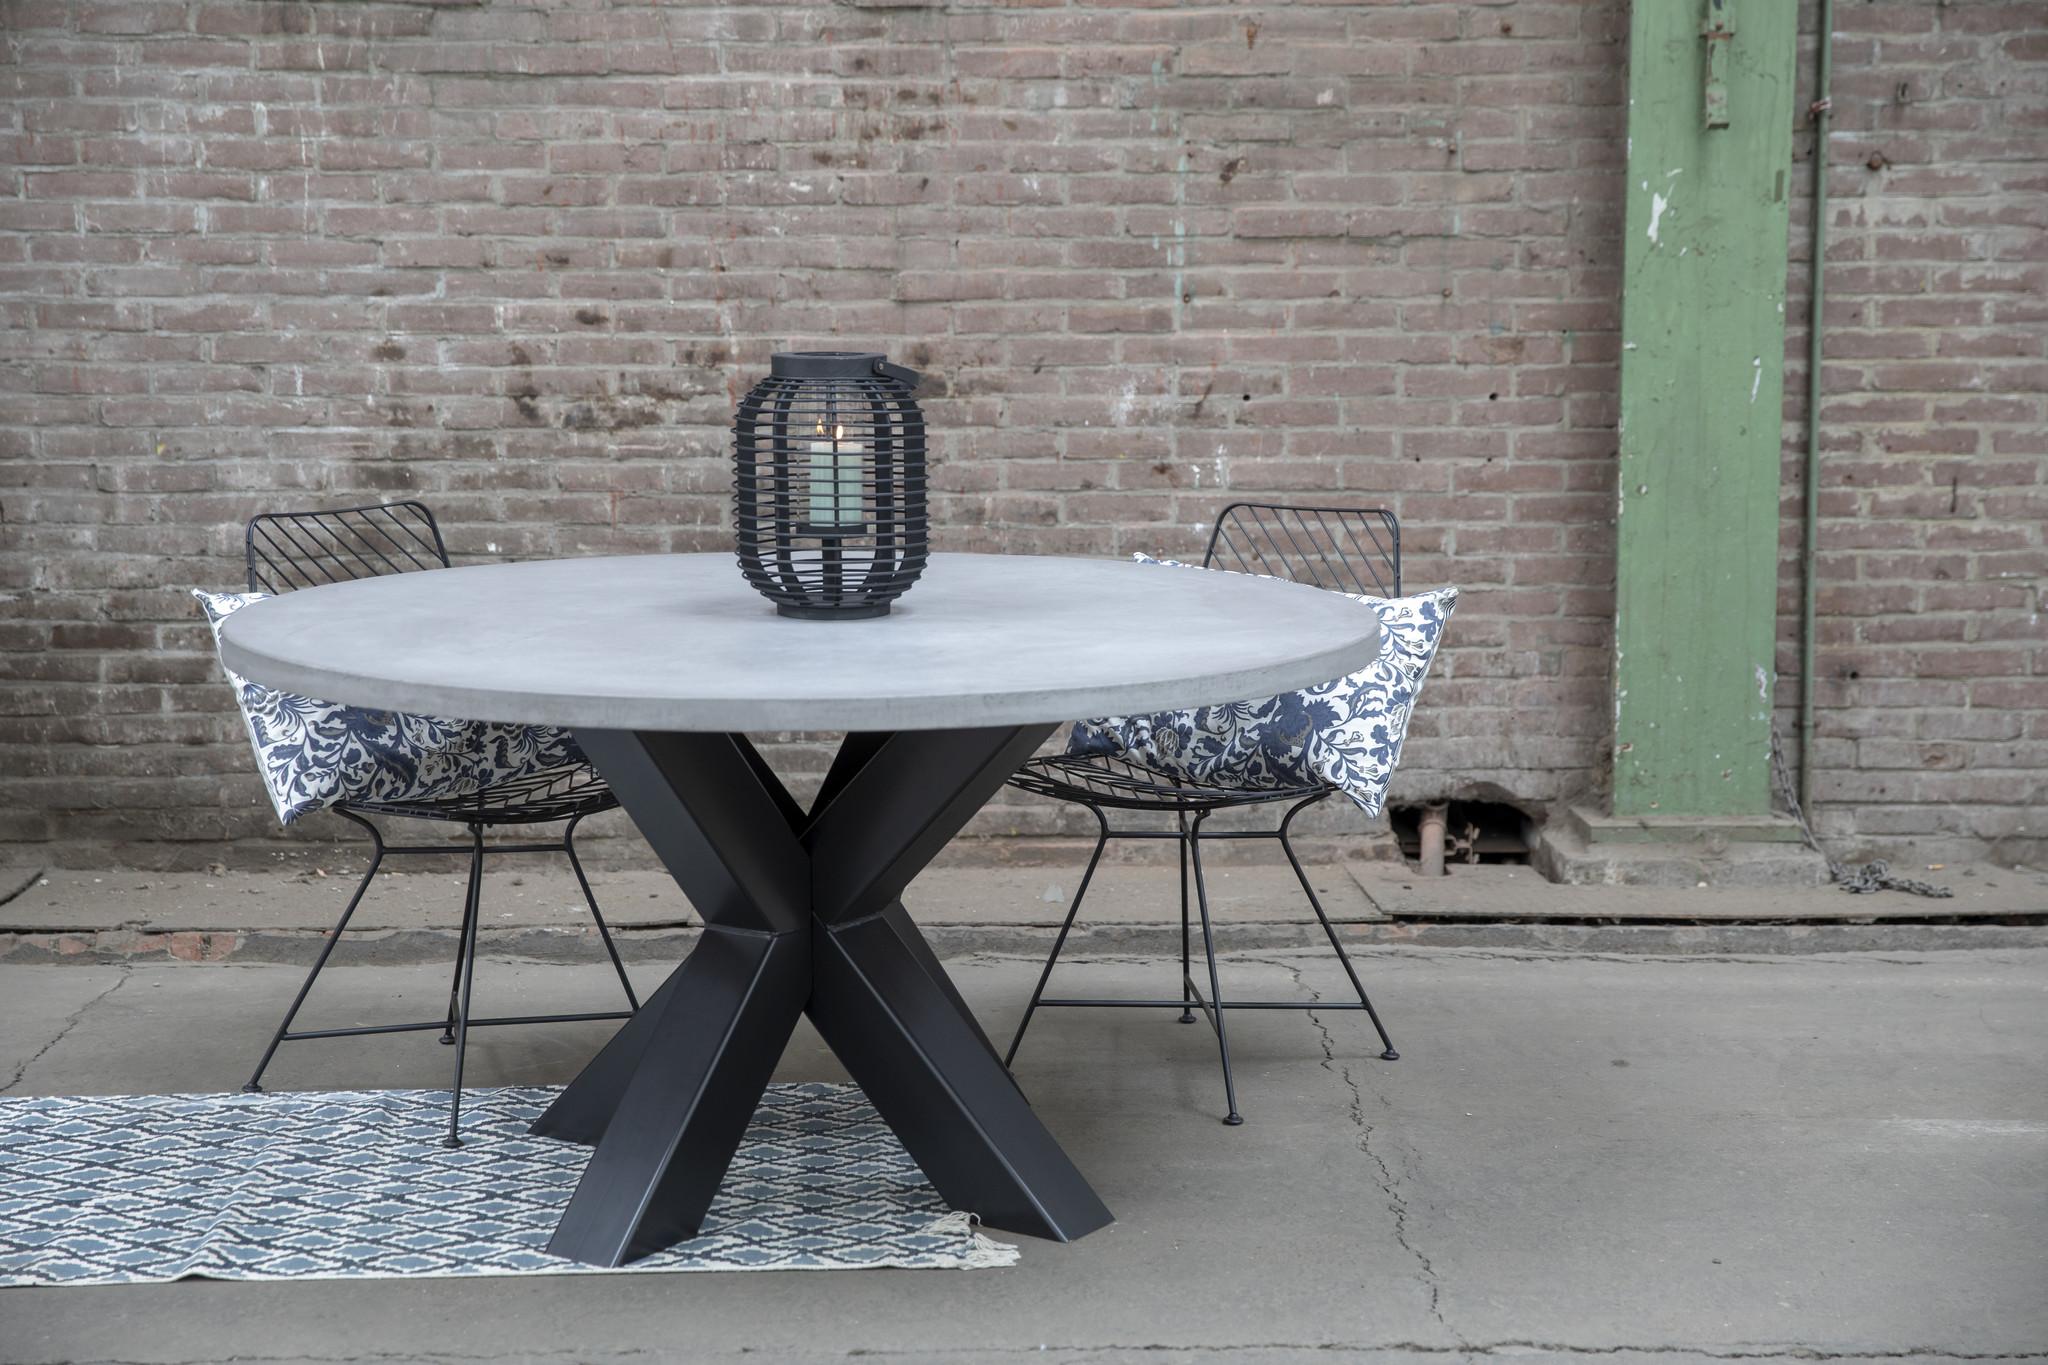 Stalen tafelpoten voor onder ronde tafels